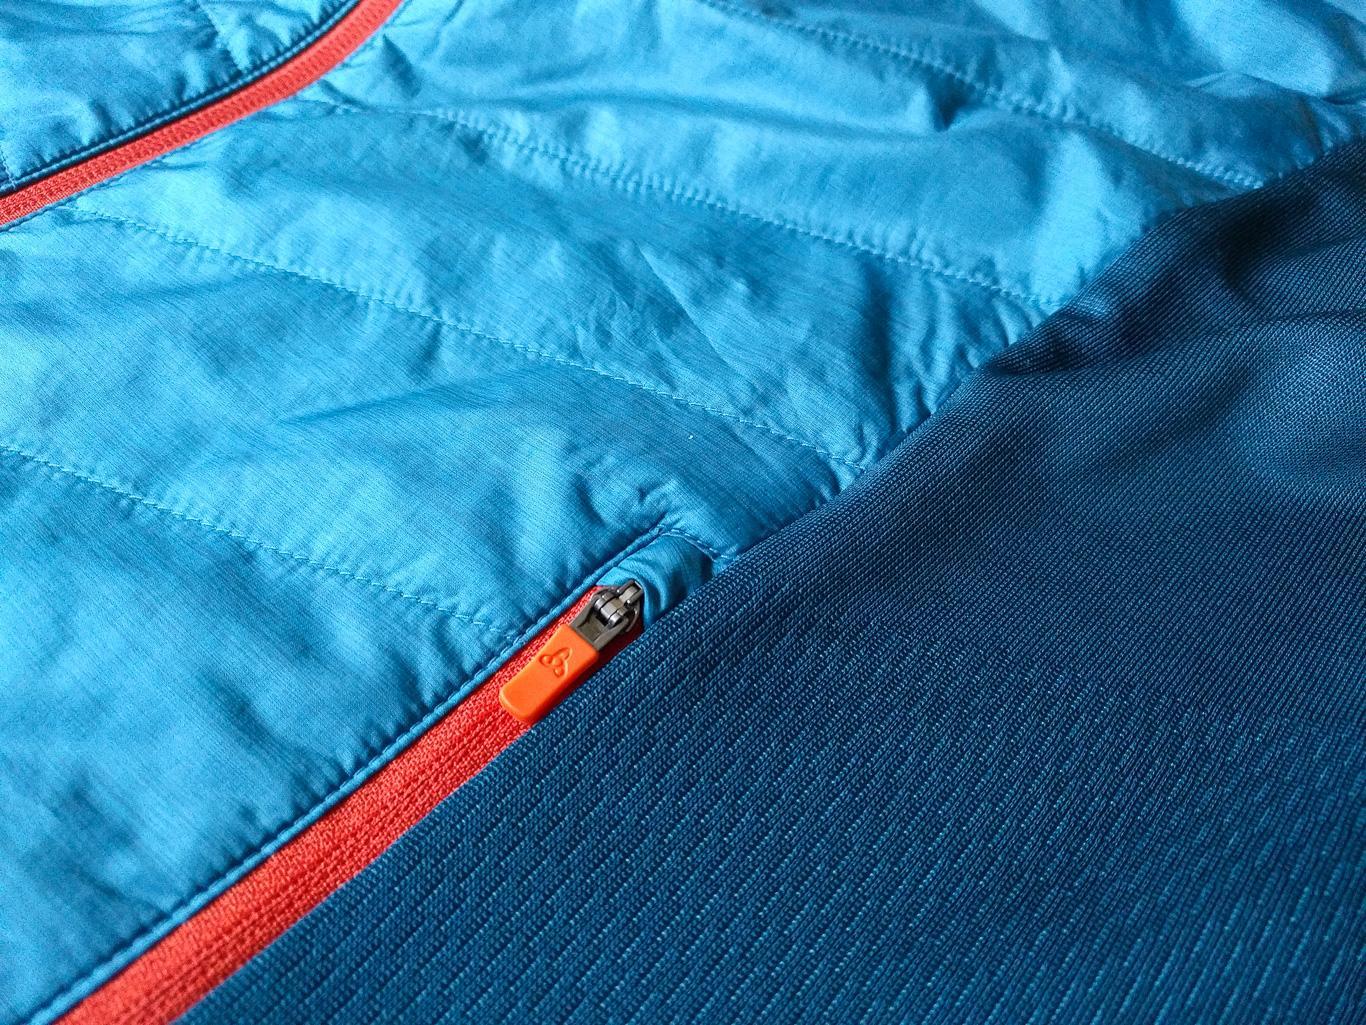 Materialwechsel: vorne isoliert, hinten elastisch